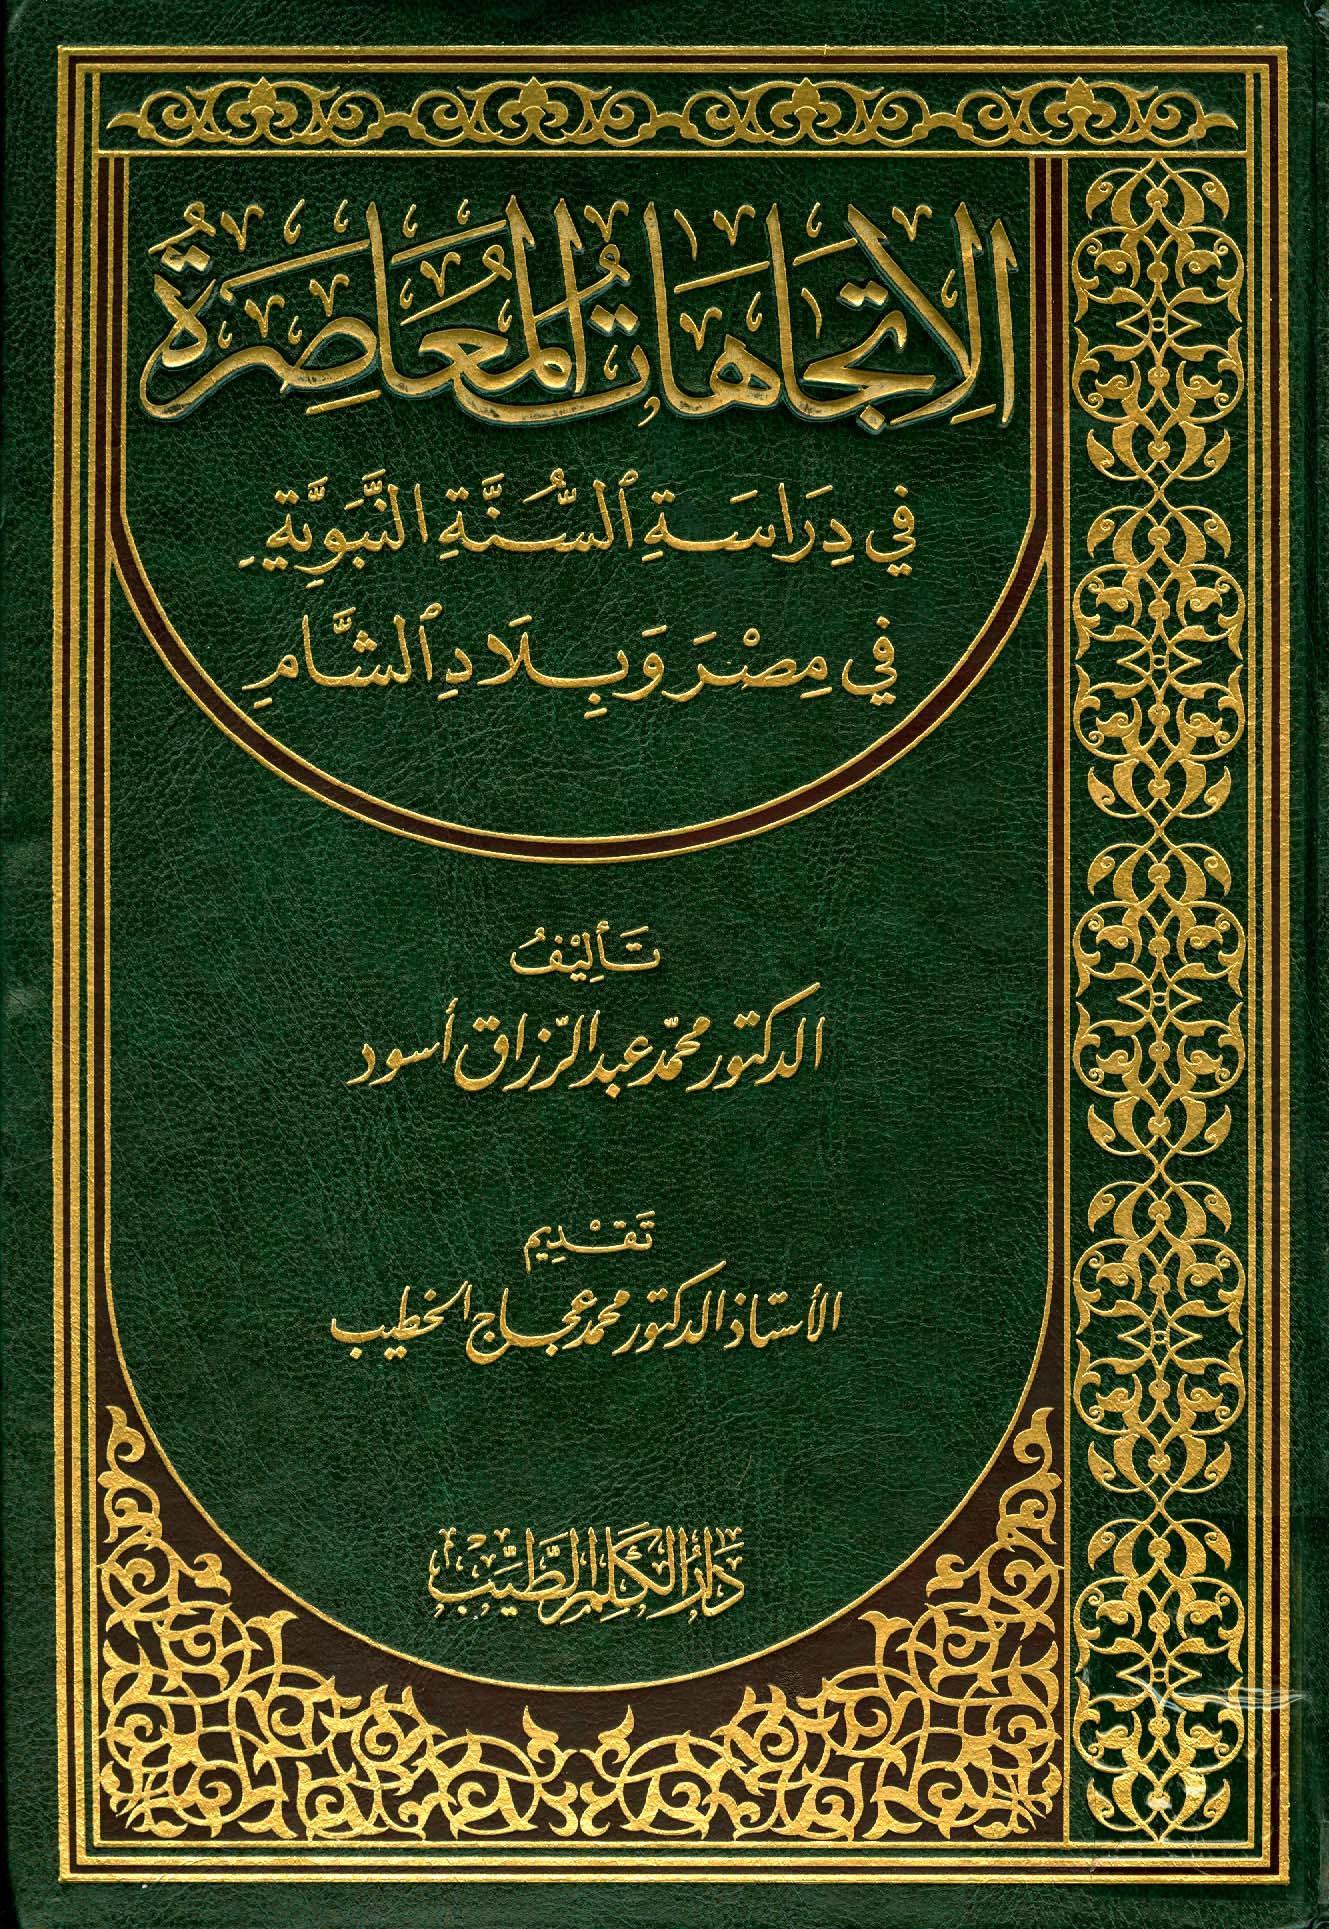 موسوعة كتب الحديث الشريف وعلومه (الجزء 13)